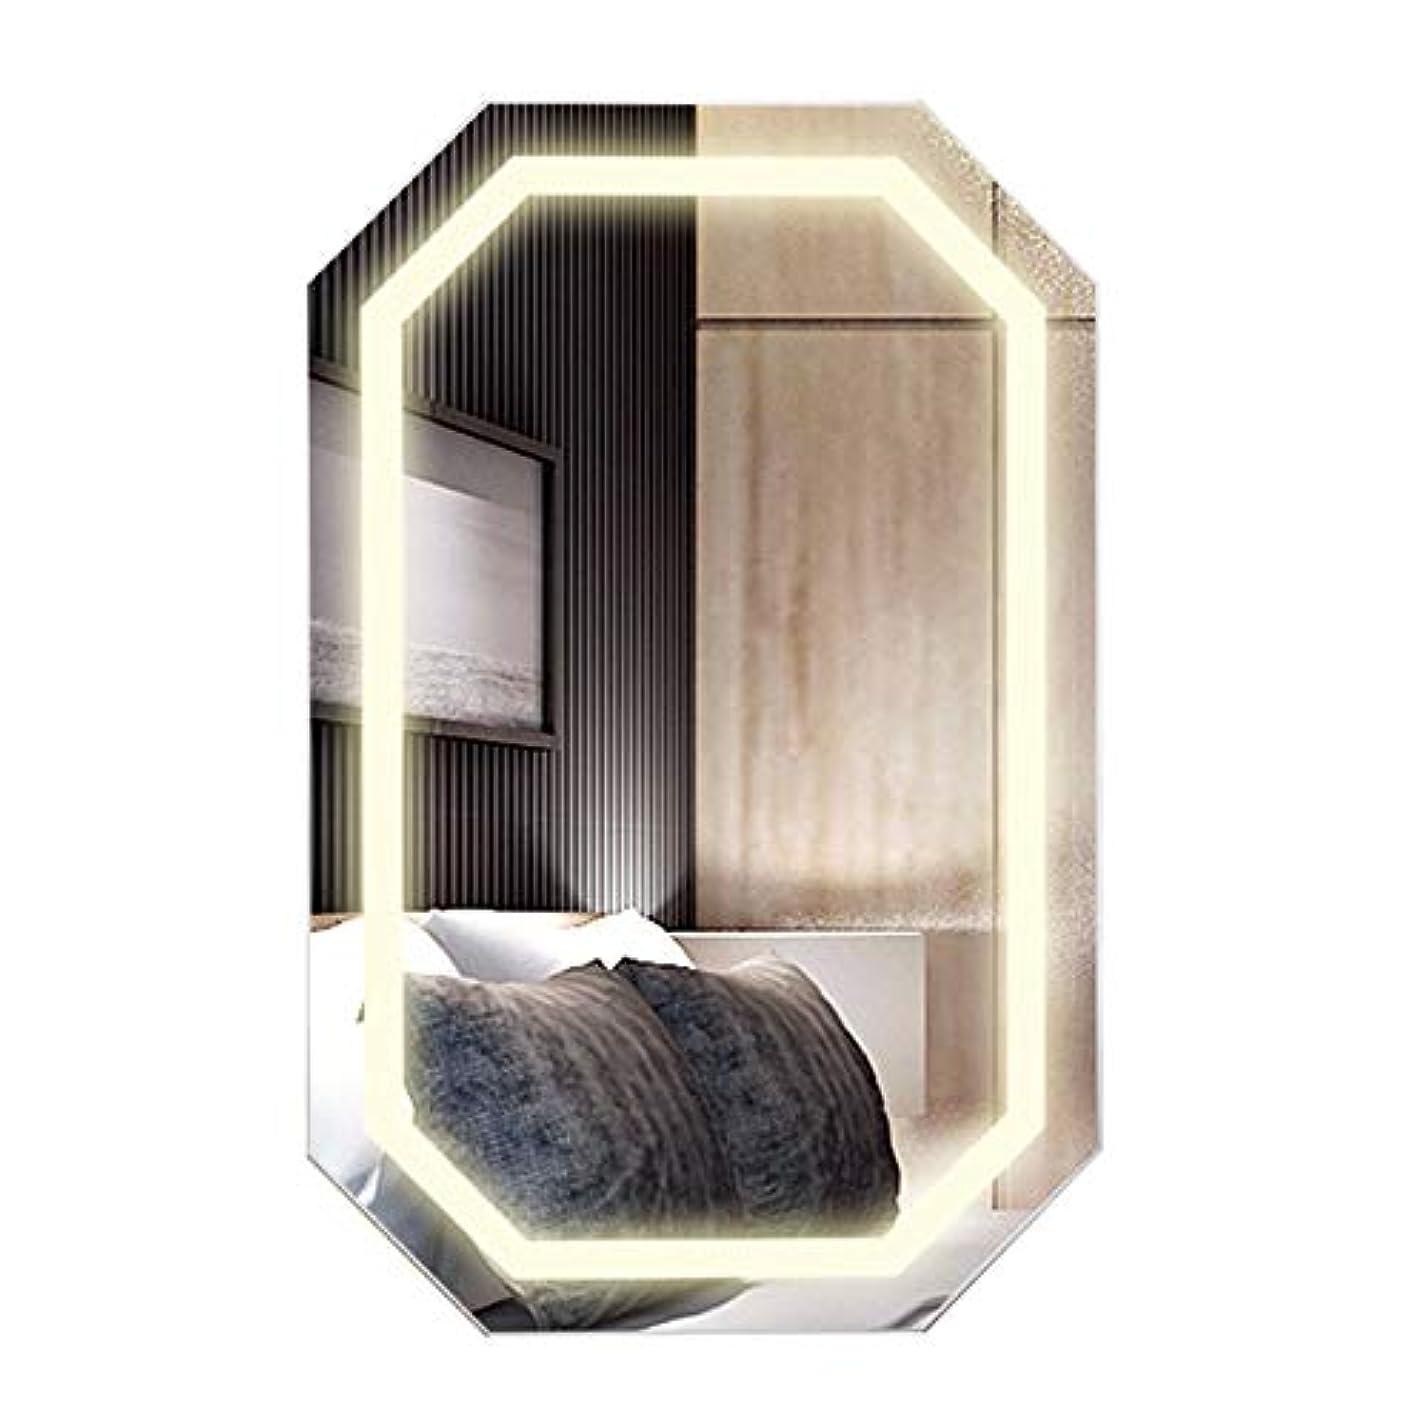 マリン配置生活化粧品ホルダー、壁掛け化粧鏡、寝室浴室多機能ストレージミラーキャビネット、木製家庭用スマートLedランプジュエリーキャビネットNayang Store